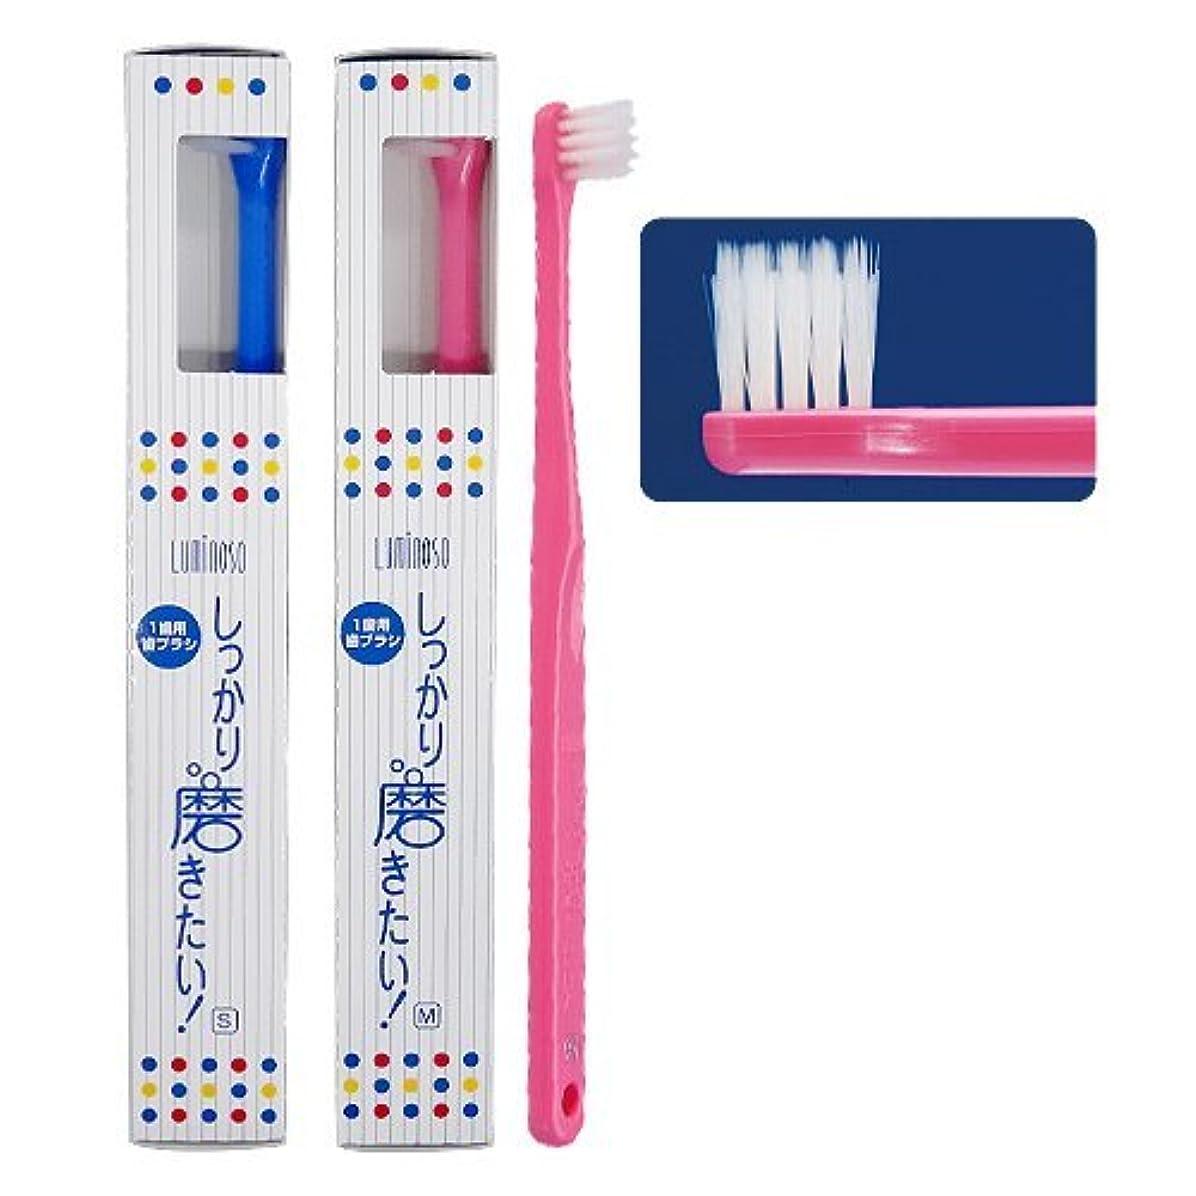 不純アレキサンダーグラハムベルシュートルミノソ 1歯用歯ブラシ「しっかり磨きたい!」スタンダード ソフト (カラー指定不可) 5本